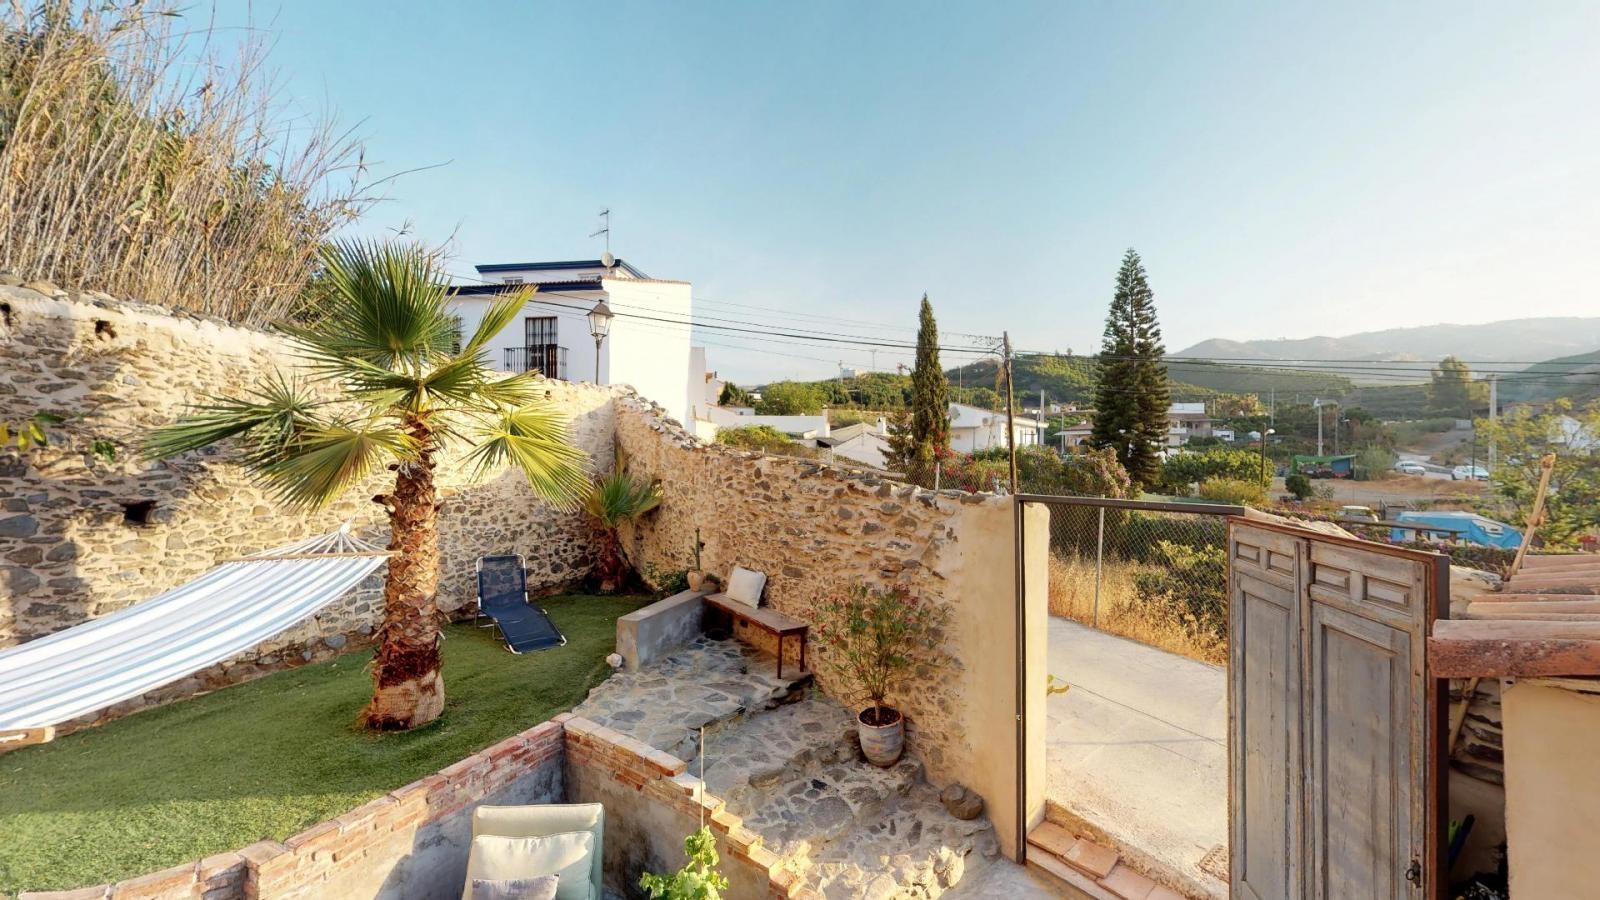 39564418 3303414 foto 749065 - Vida al aire libre en esta encantadora casa de pueblo en Velez-Málaga